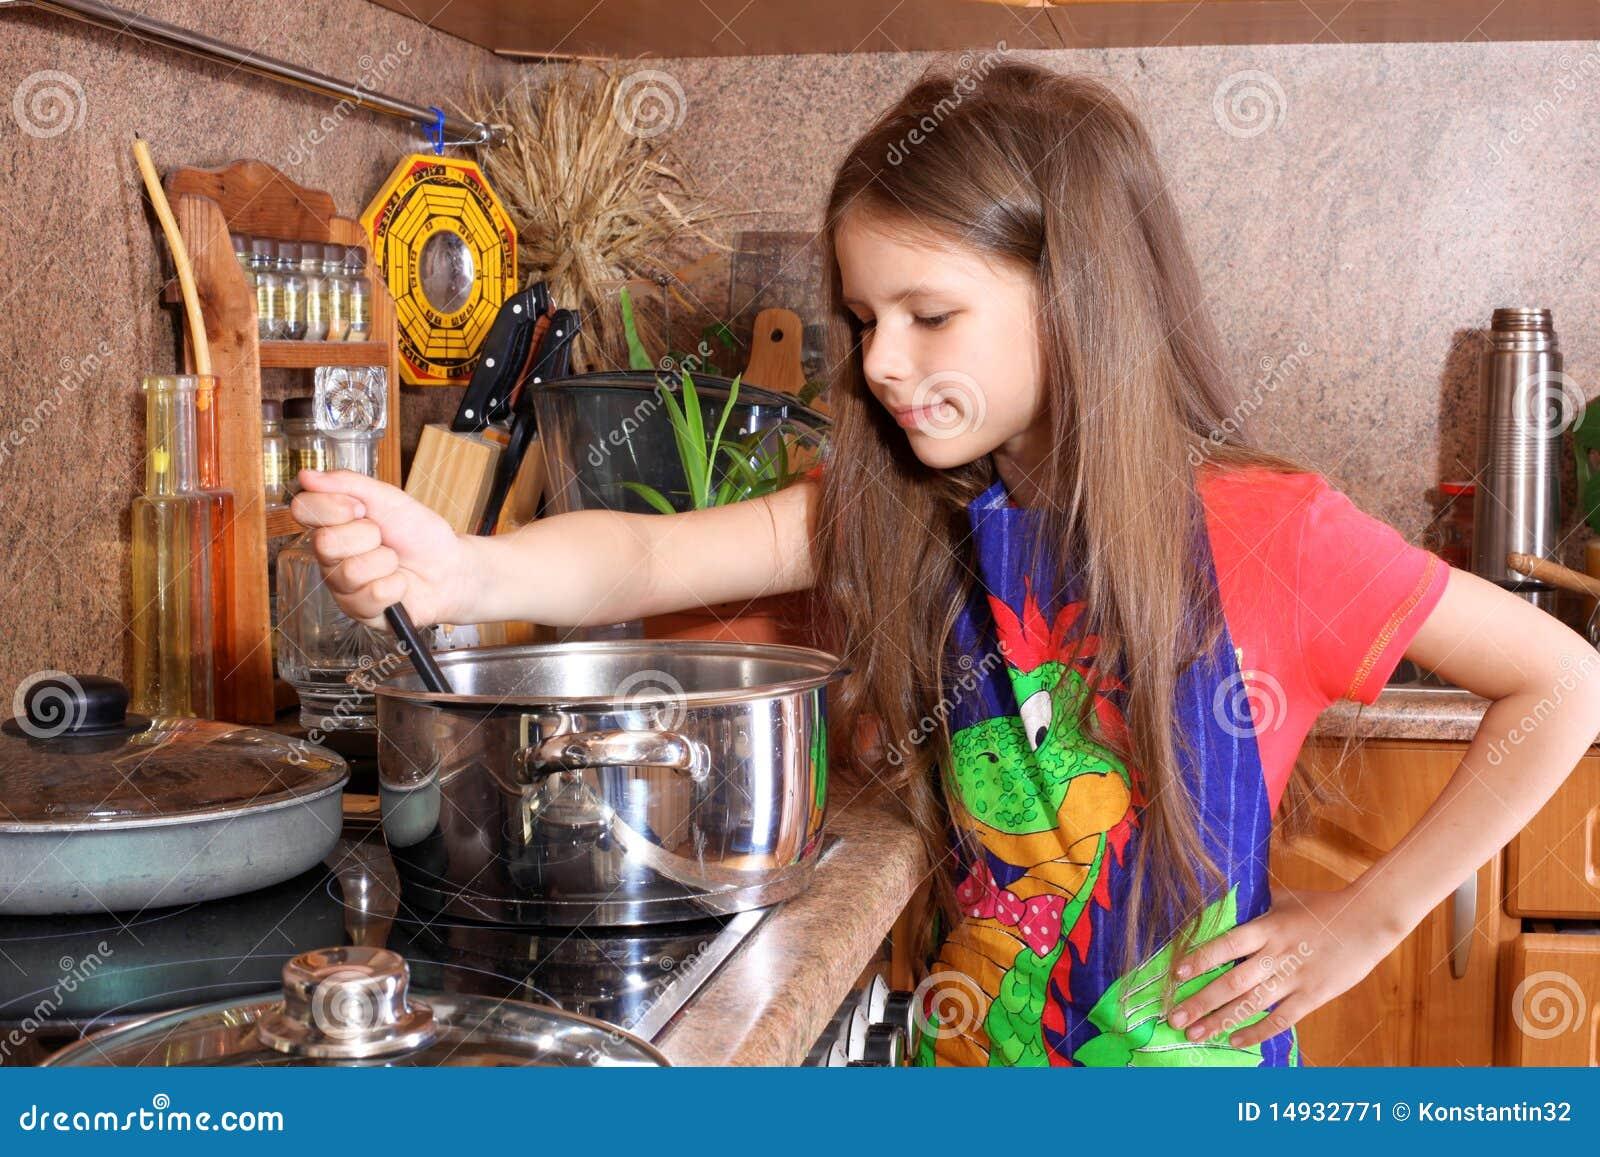 Каждая девушка должна уметь готовить борщ фото